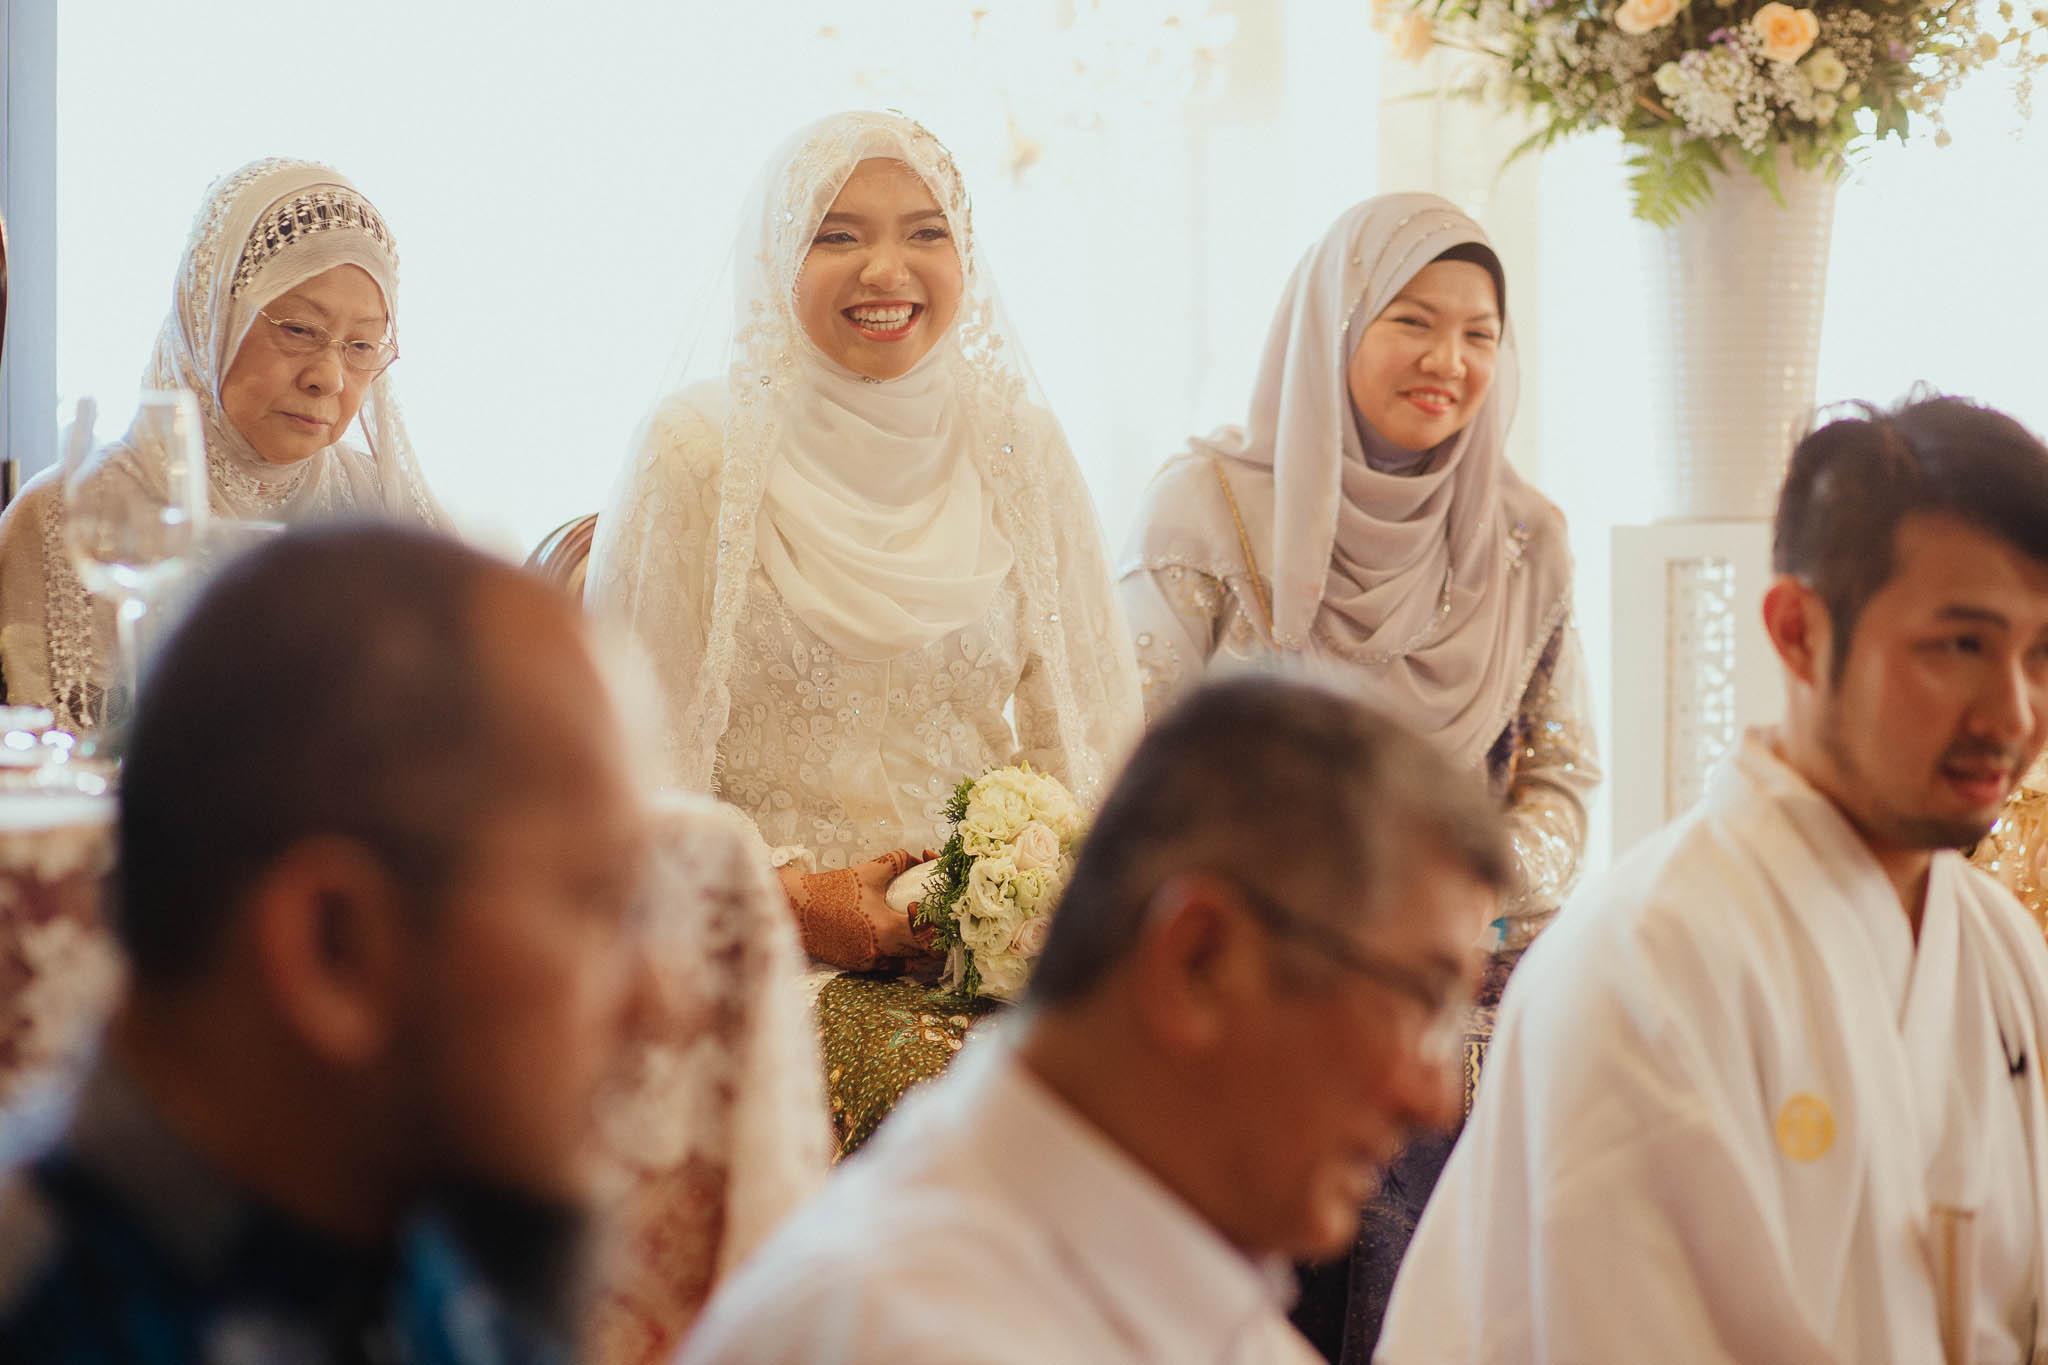 singapore-wedding-photographer-travel-wemadethese-atara-hafizah-17.jpg